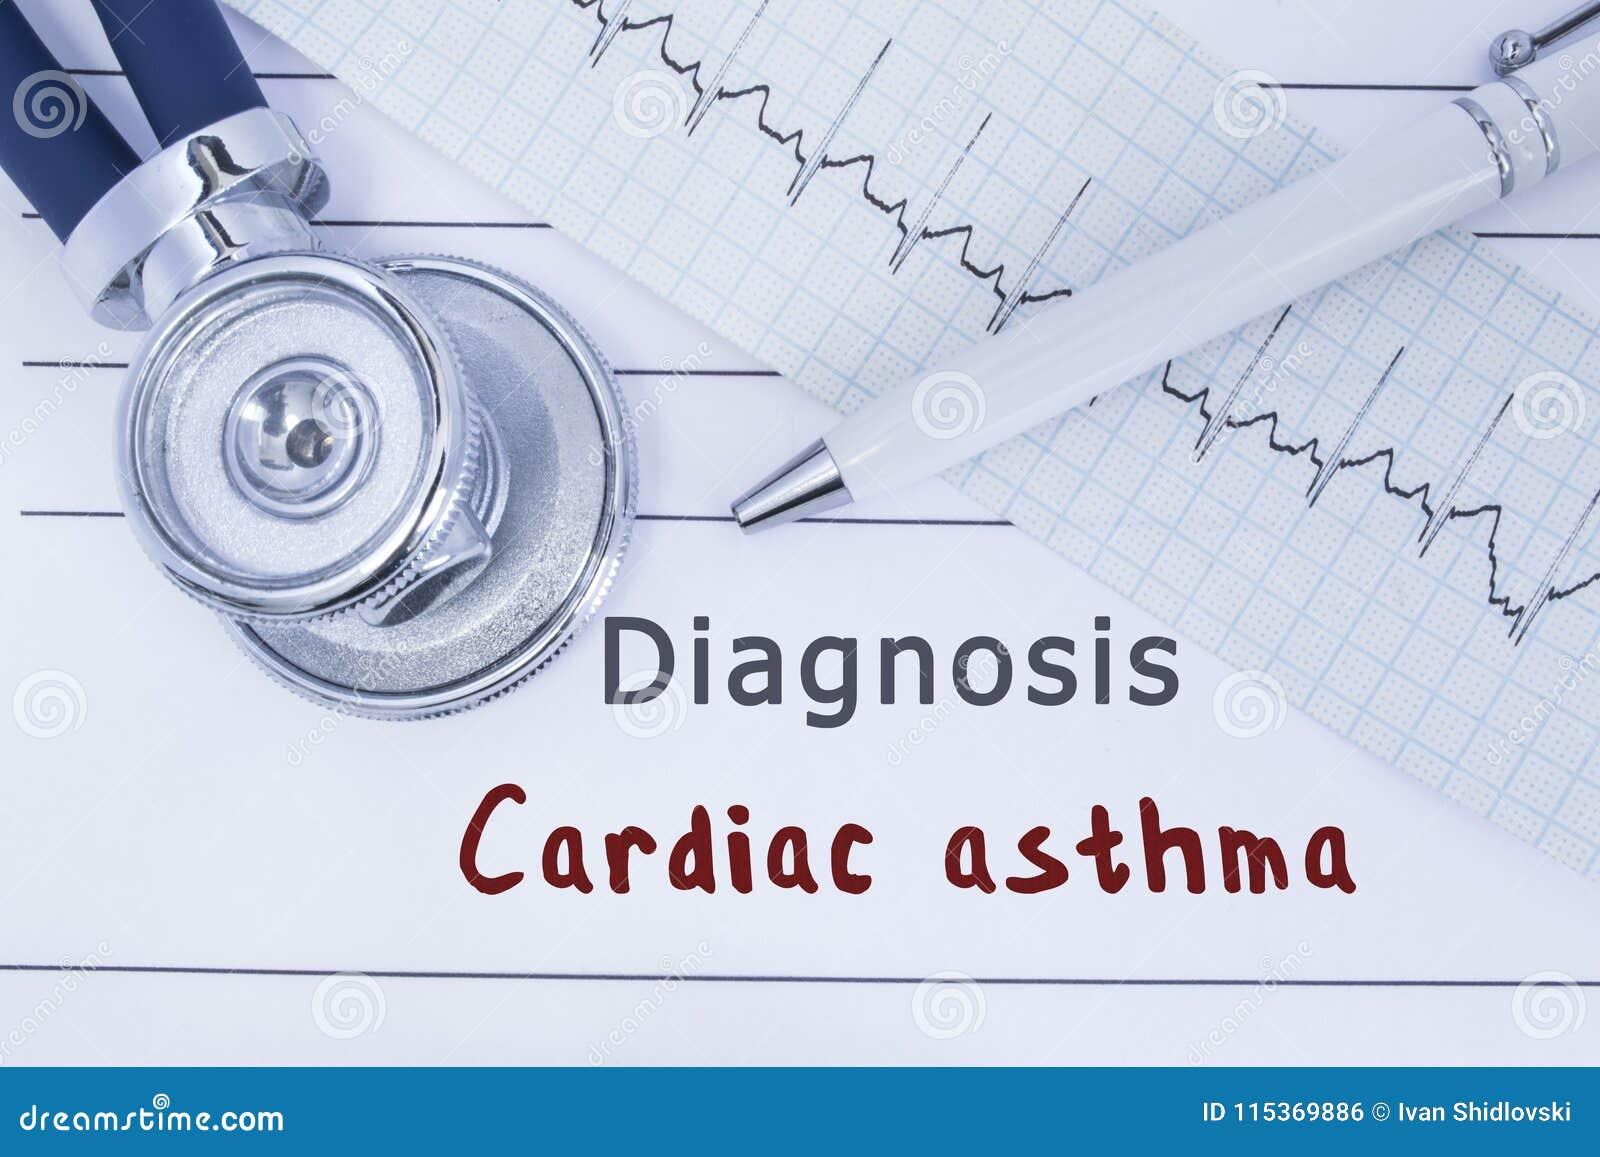 Diagnozy Sercowa astma Stetoskop lub fonendoskop wraz z typem ECG kłamstwo na medycznej historii z tytułową diagnozą Cardi